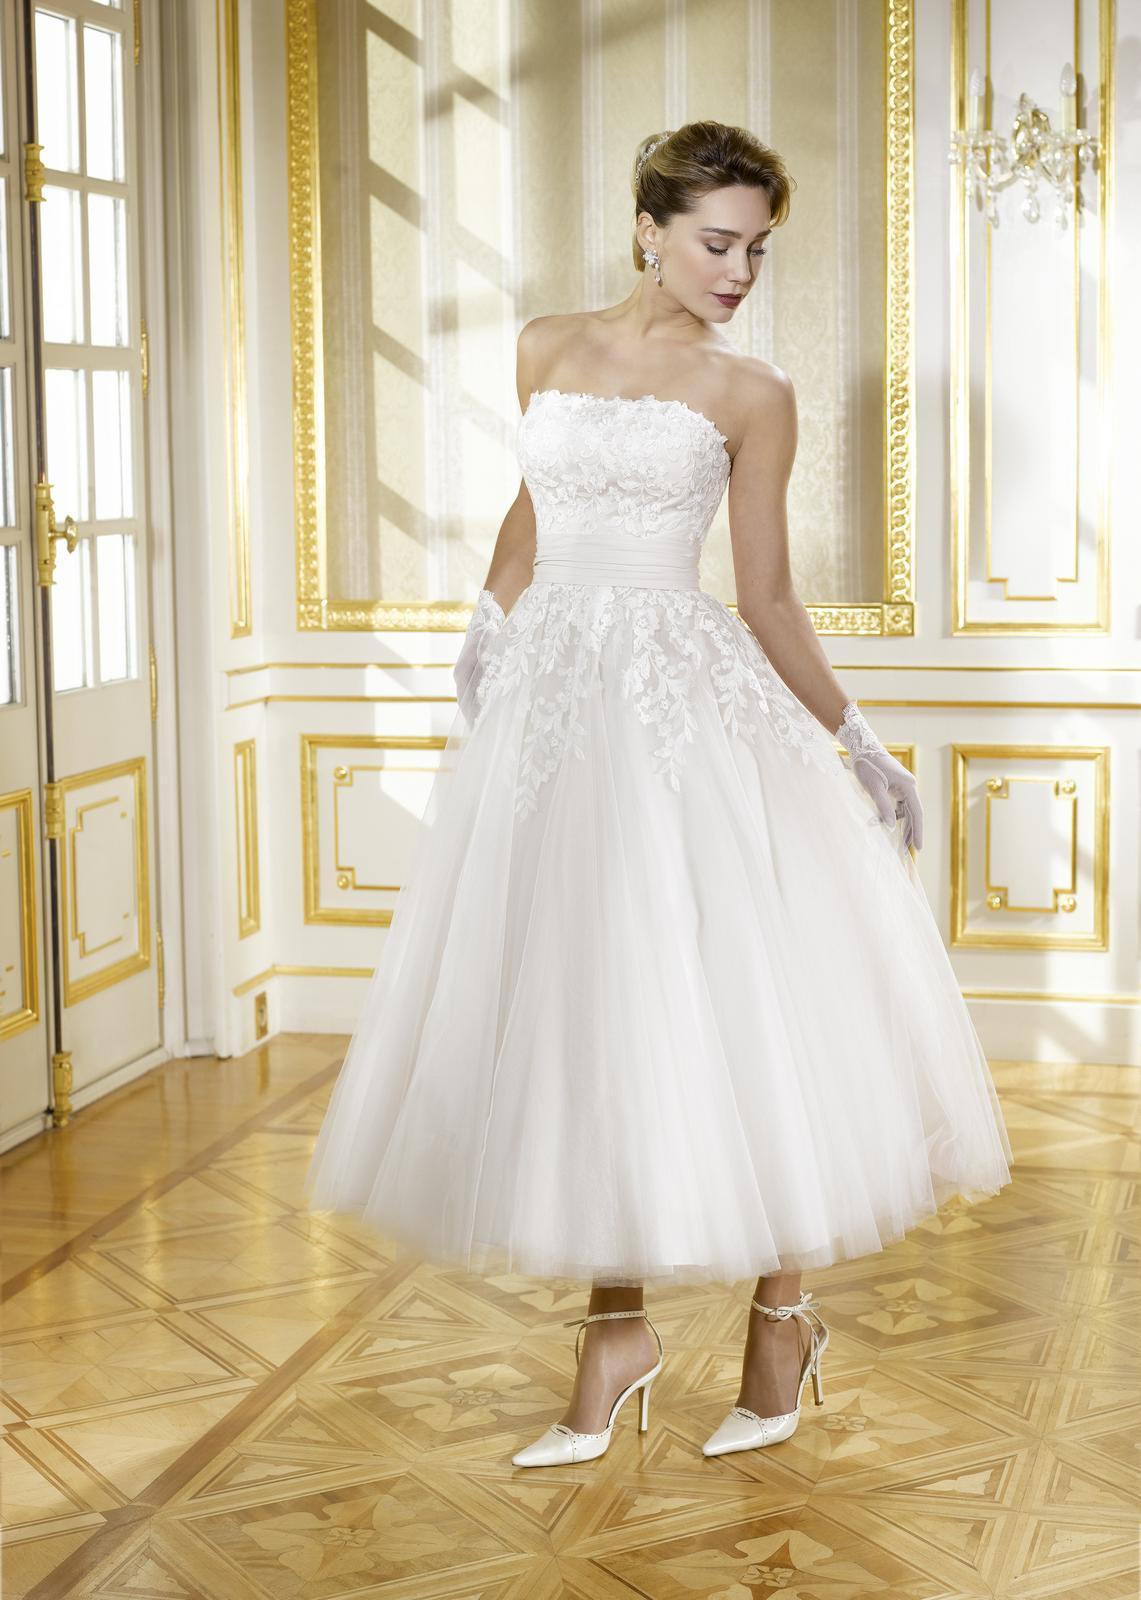 9d9f4a1e2c22 Svatební agentura a dekorace Amelie - svatební šaty